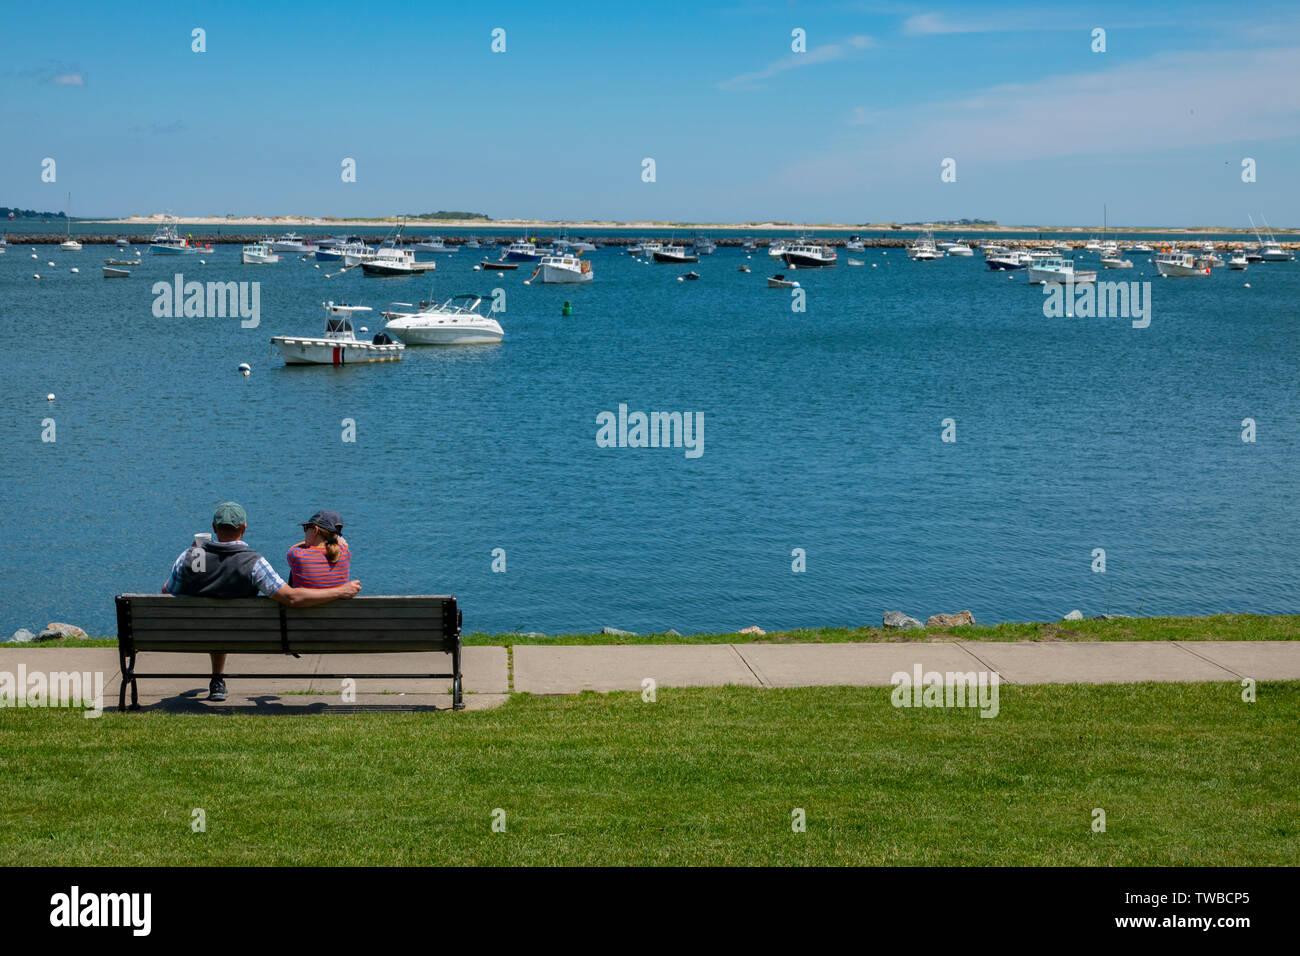 USA Massachusetts MA Plymouth Plimouth Hafen sonnigen Sommertag ein Paar genießt die Aussicht - Pilger hier gelandet Stockfoto